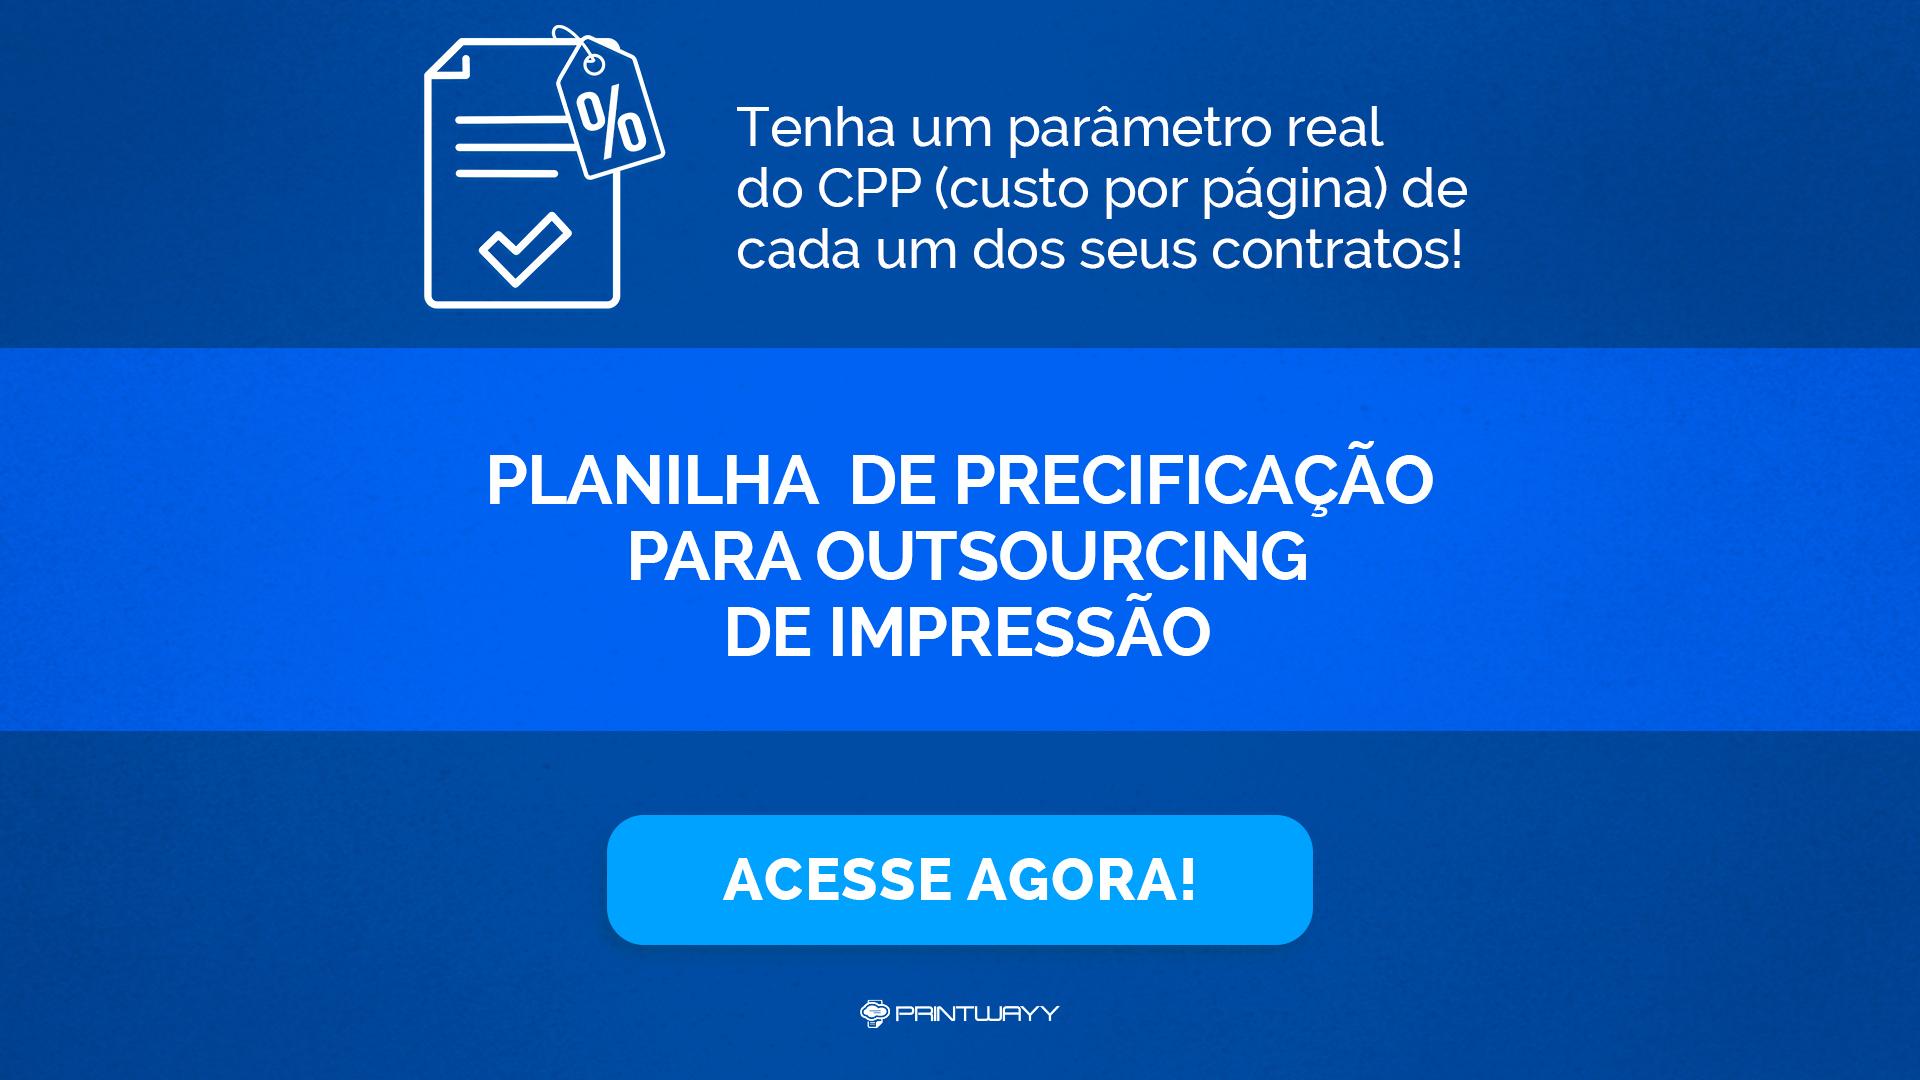 Convite para acessar o material Planilha de Precificação para Outsourcing de Impressão, elaborado pela PrintWayy.